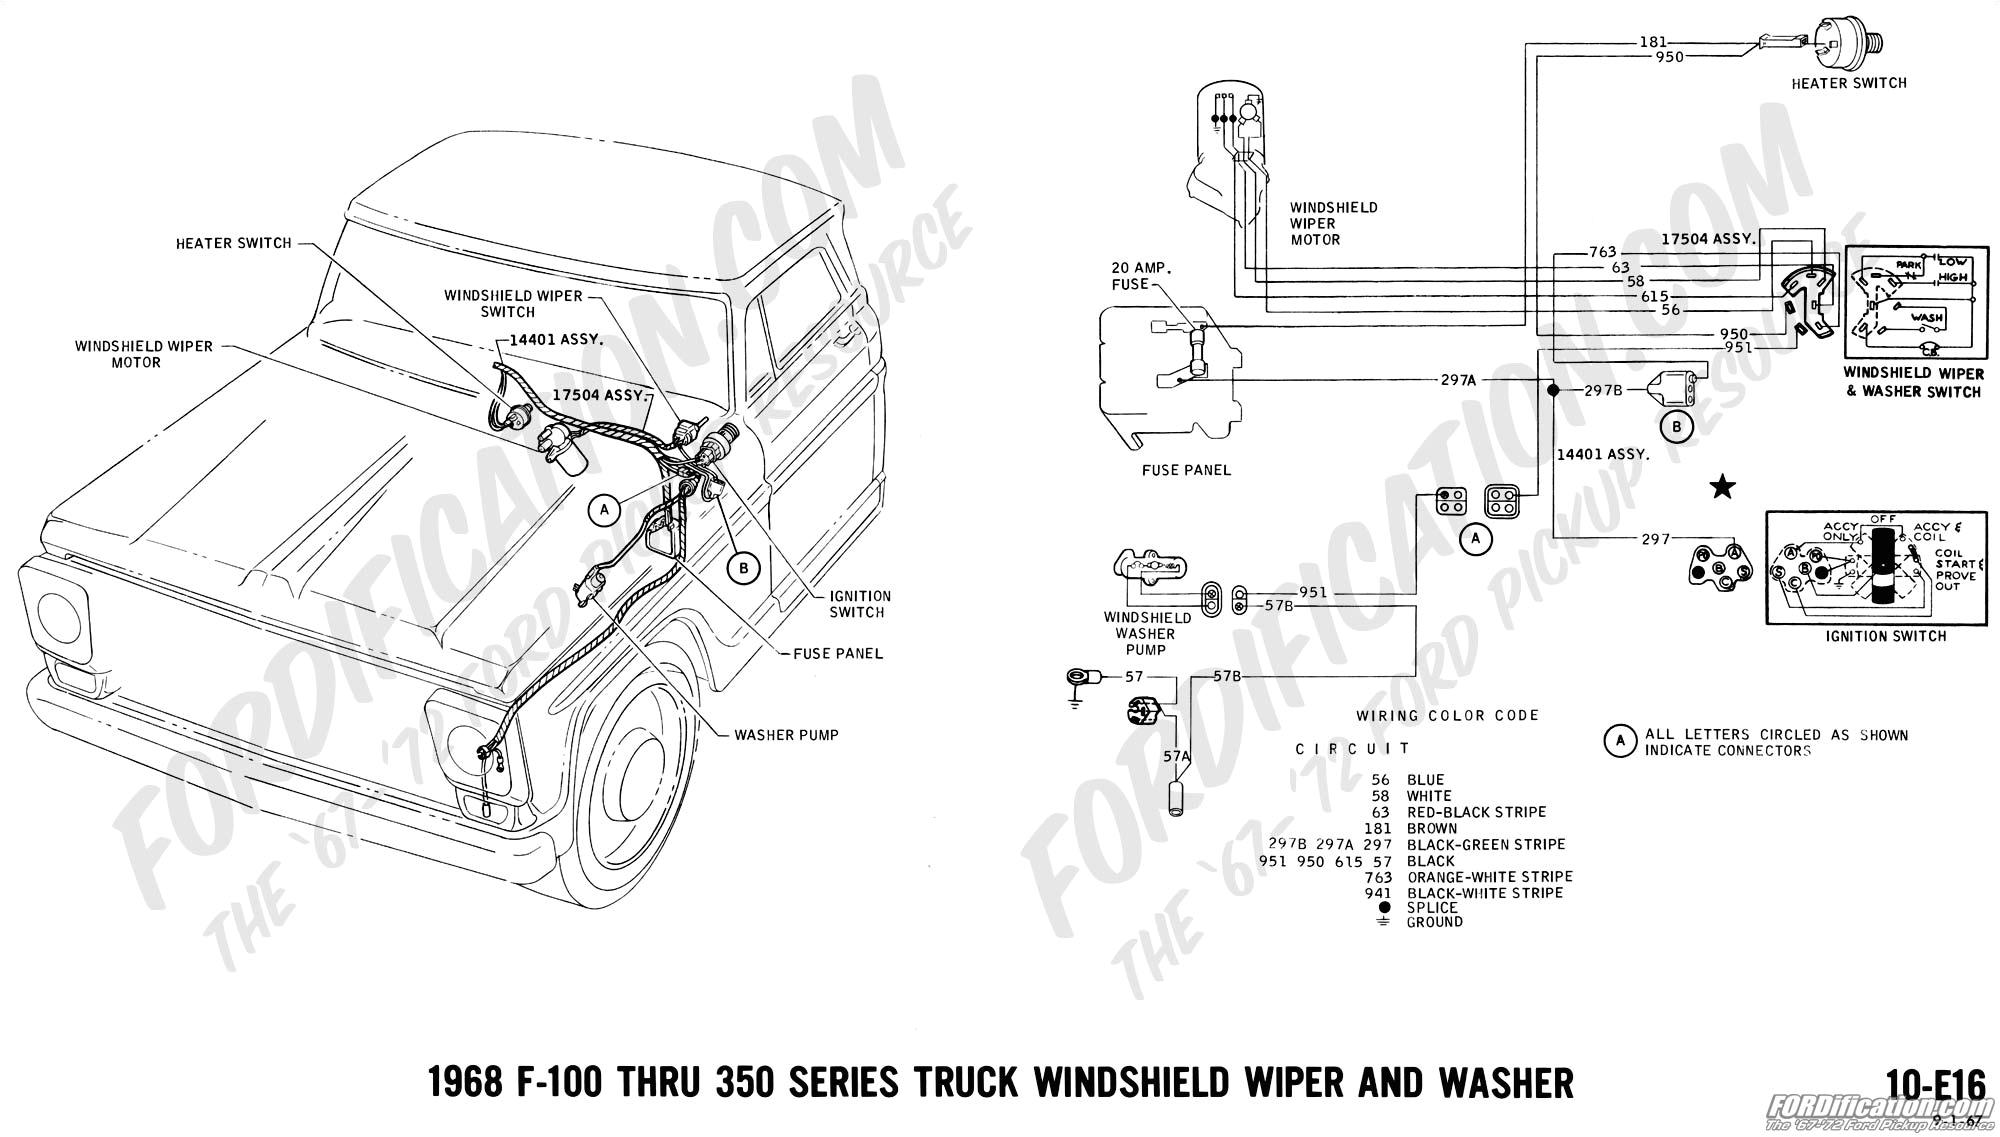 yamaha warrior 350 wiring schematic wiring diagram tags 1998 yamaha warrior wiring diagram schematic